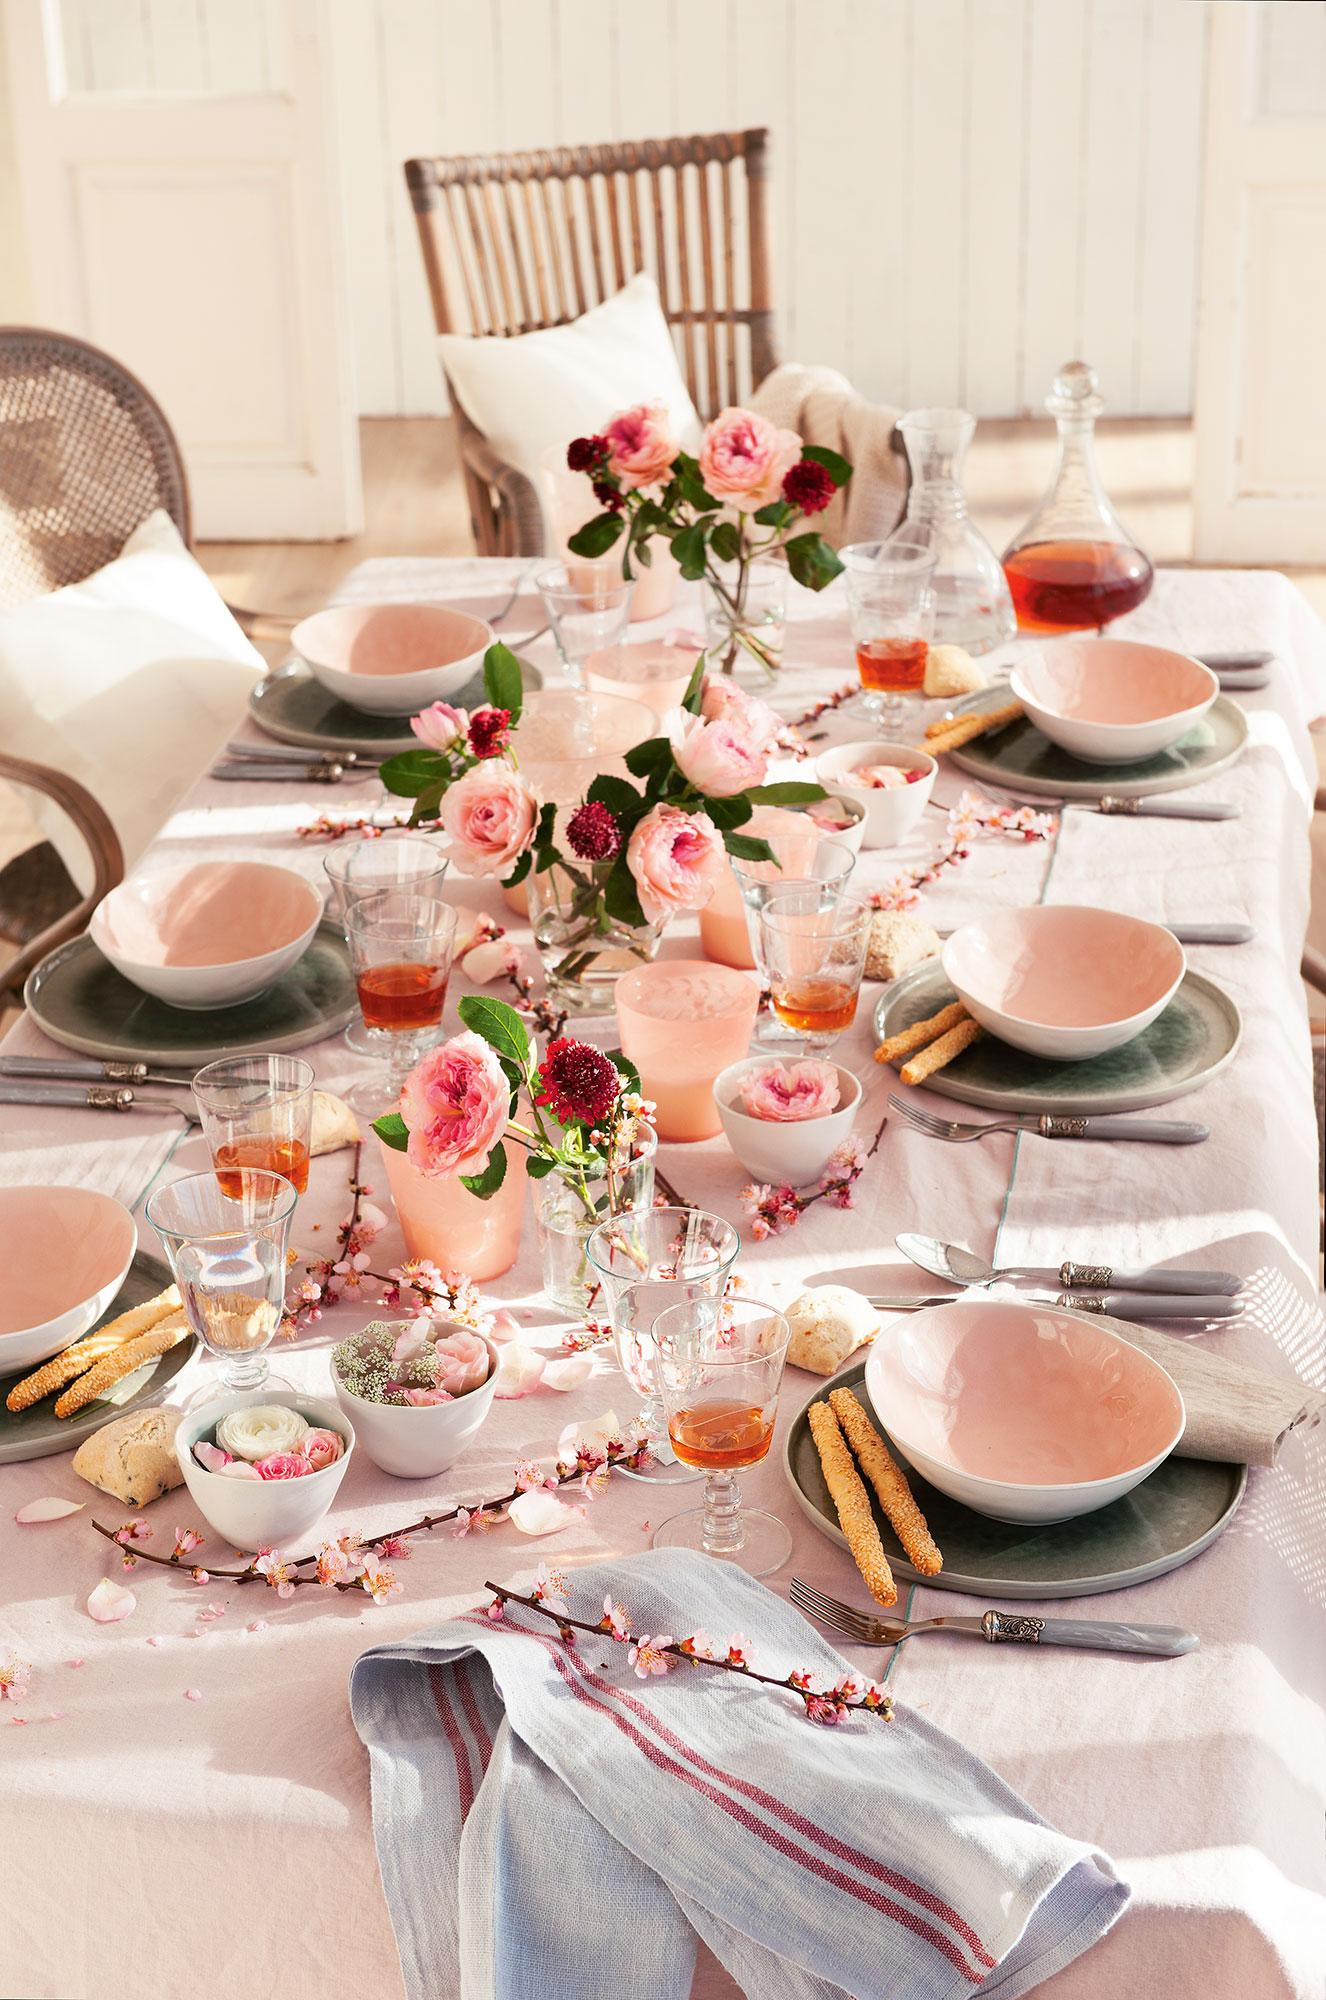 decorar con flores 12 ideas para vestir tu casa de primavera